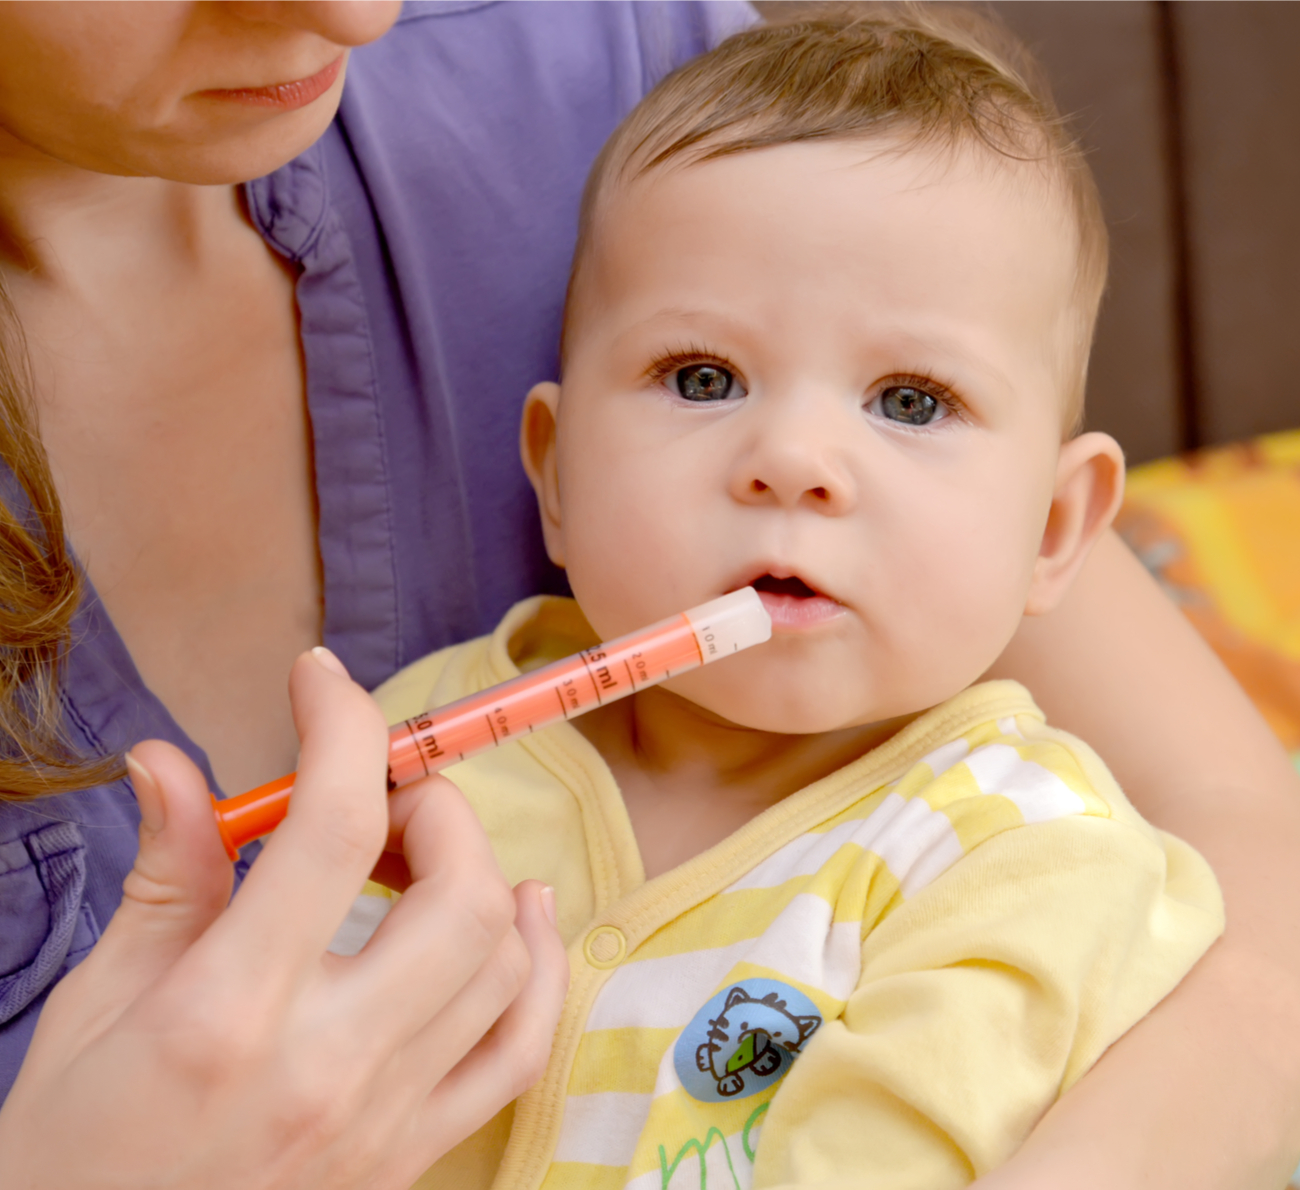 dar remédio para o bebê